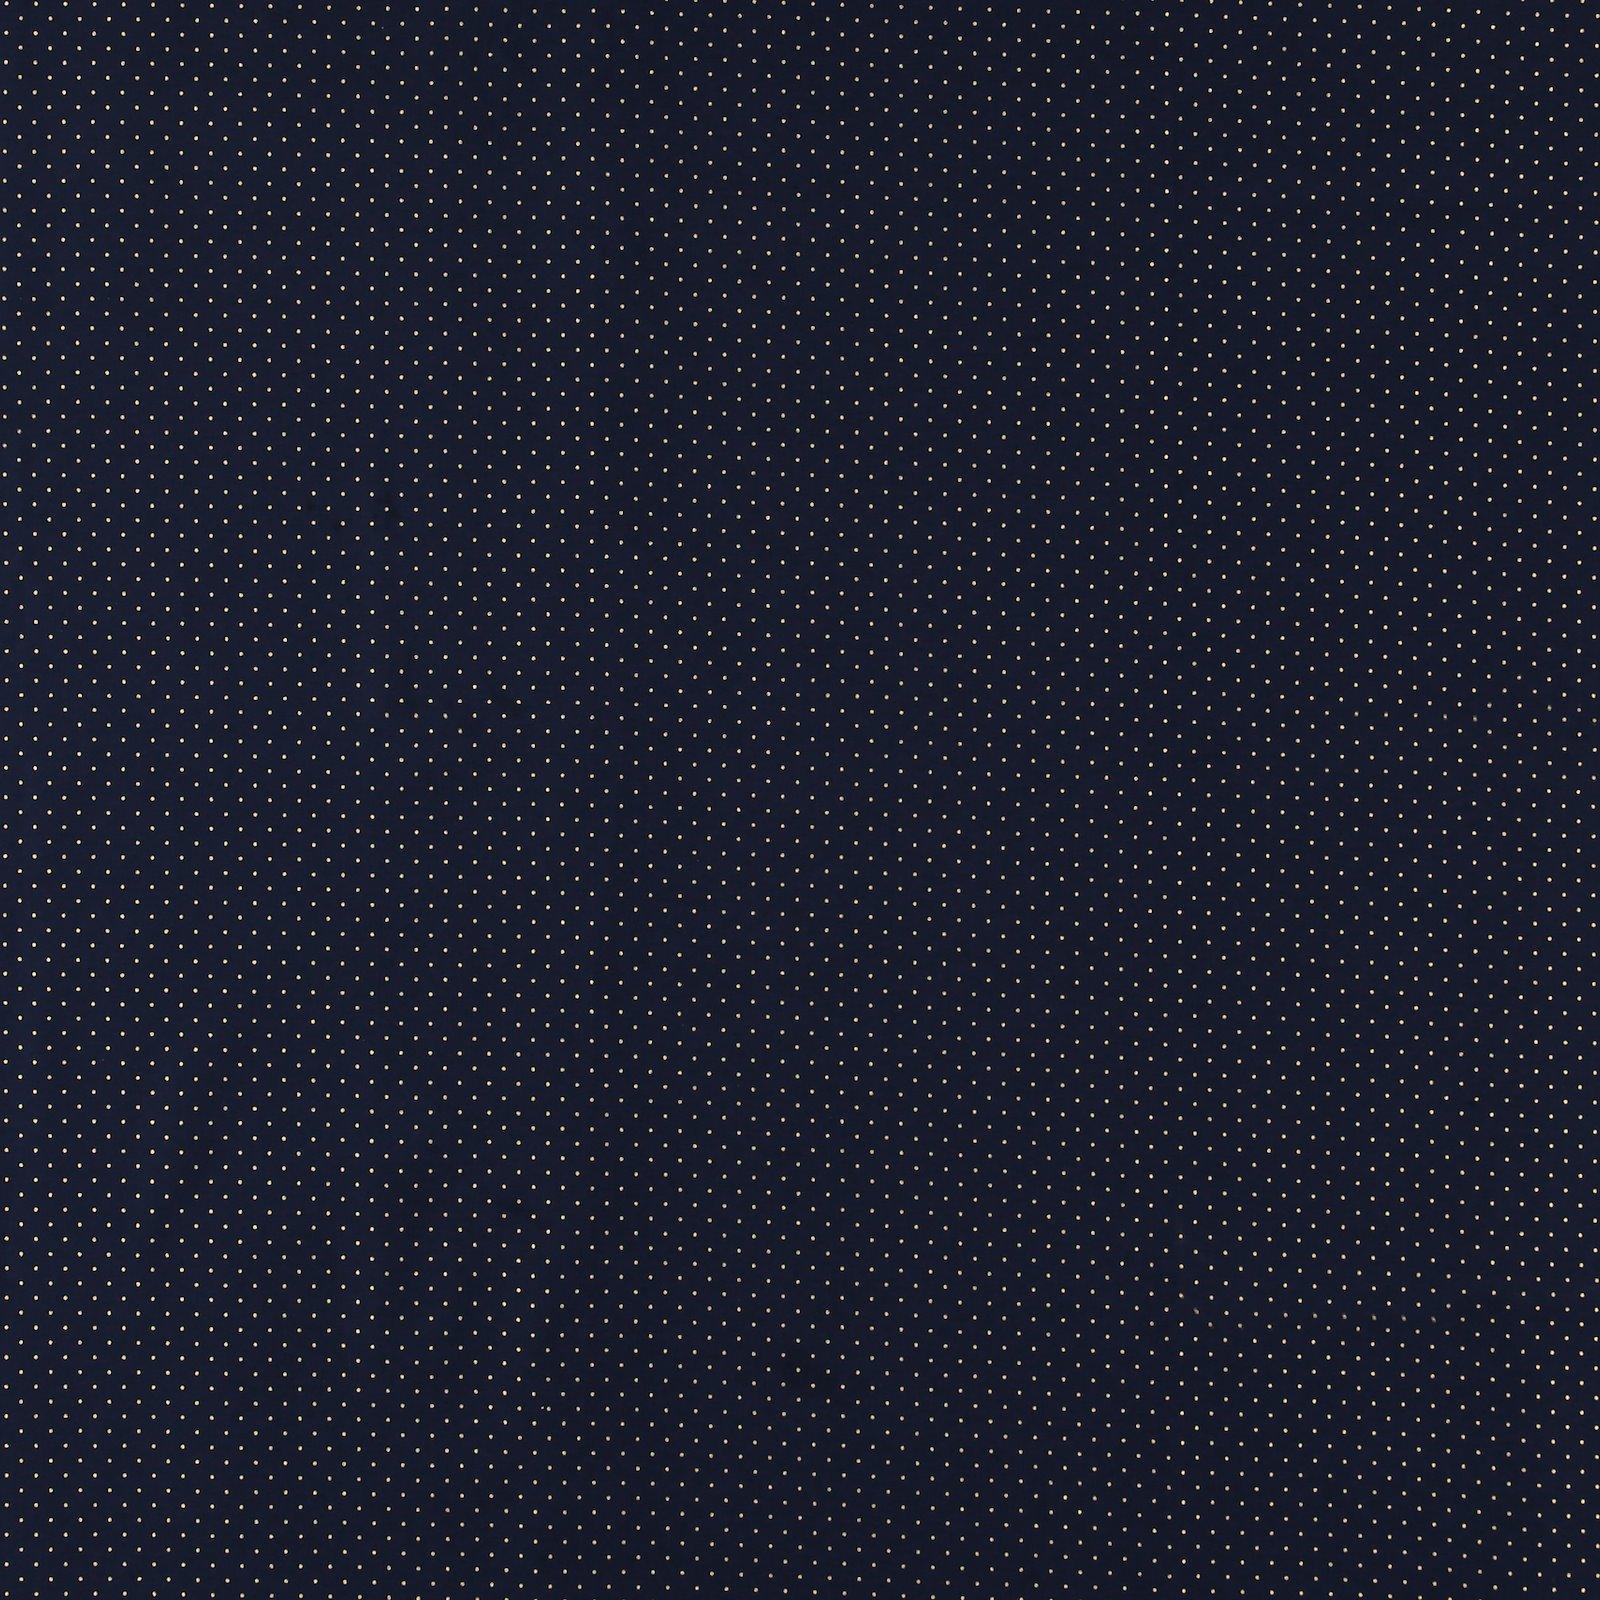 Cotton blue w gold dots 852296_pack_sp